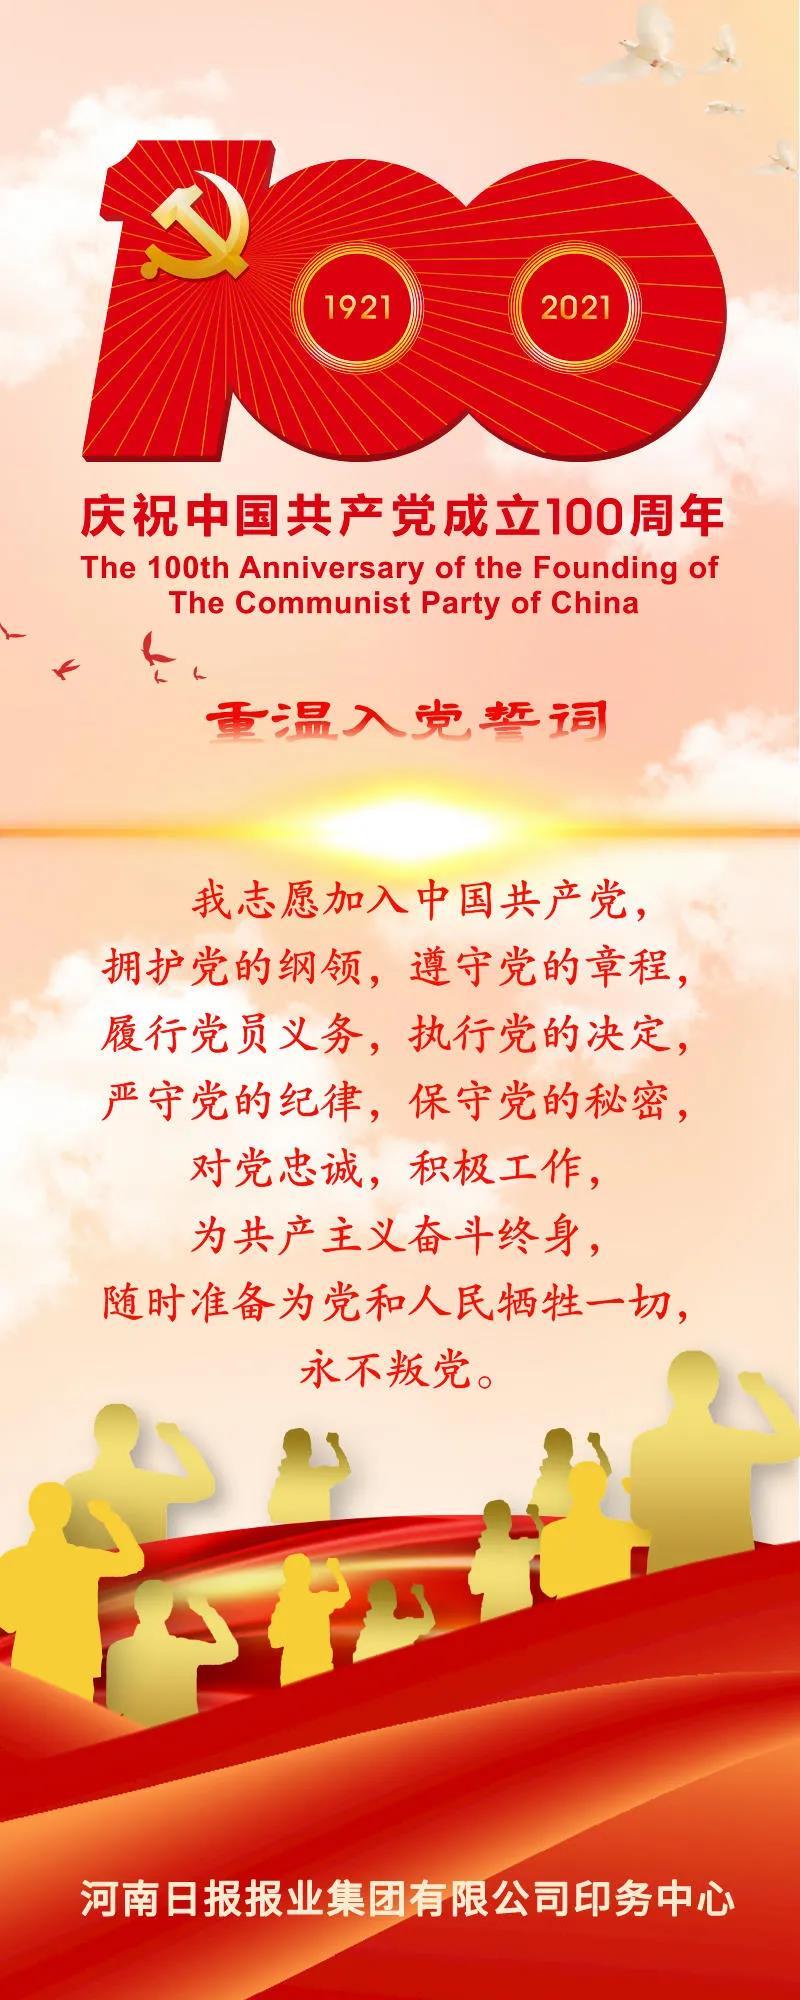 河南日报印务中心庆祝中国共产党成立100周年